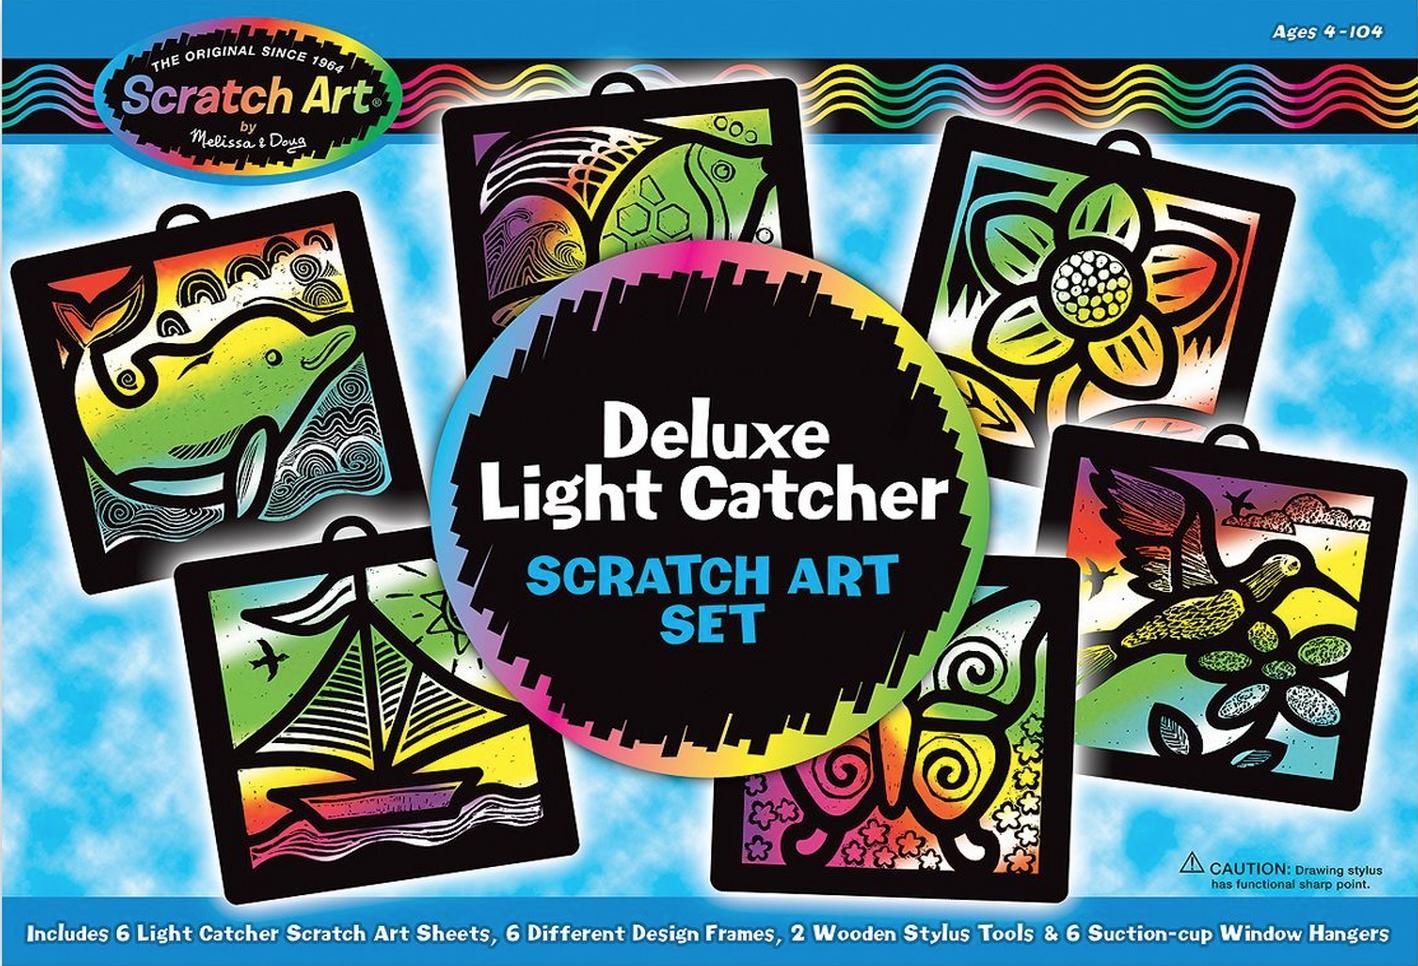 Melissa & Doug Deluxe Light Catcher Scratch Art Set Only $4.96 (Reg. $14.99!)